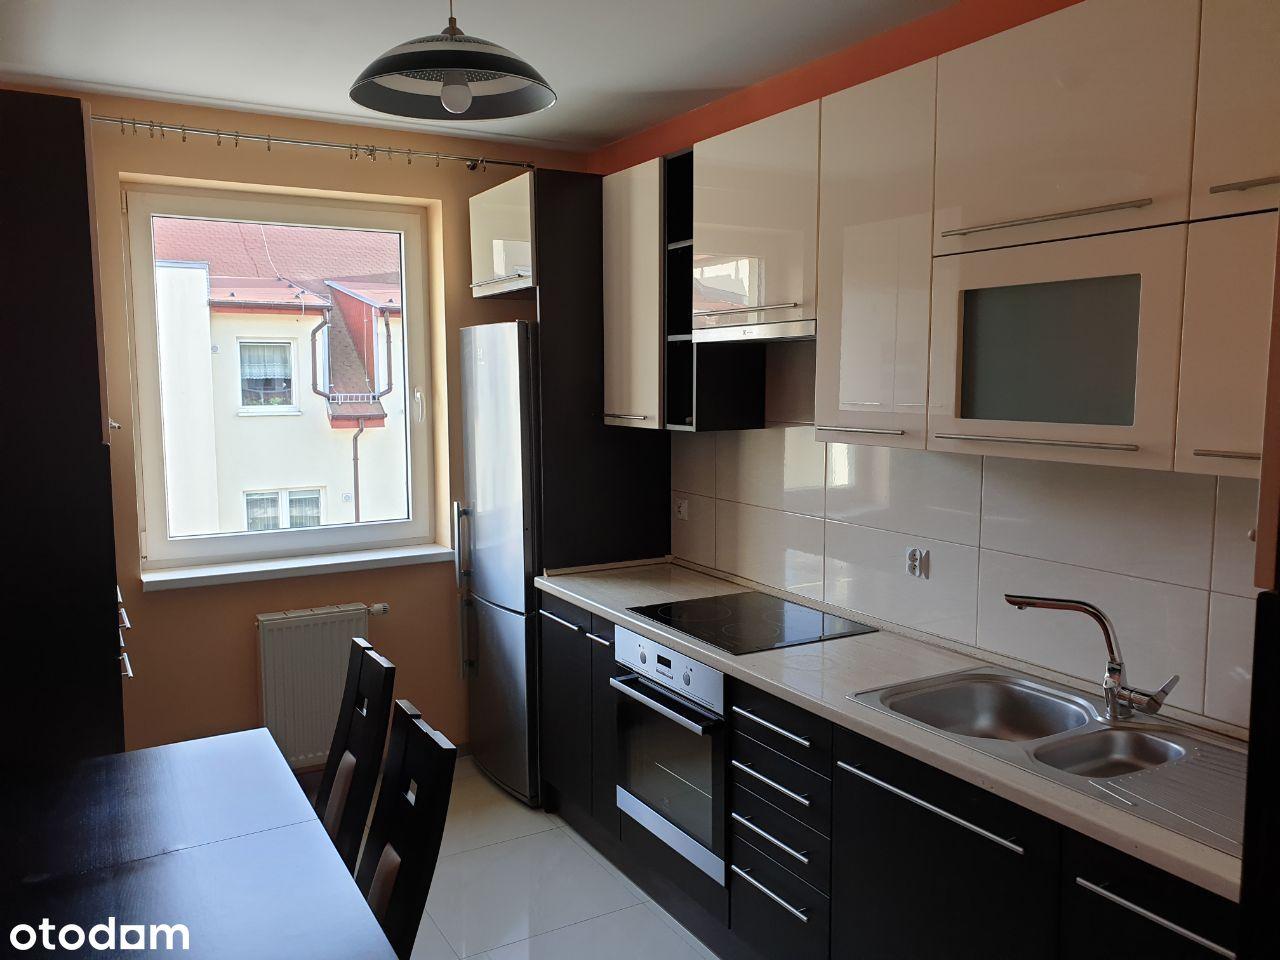 Mieszkanie 2 pokoje 49 m² + 5 m², Wrocław Maślice